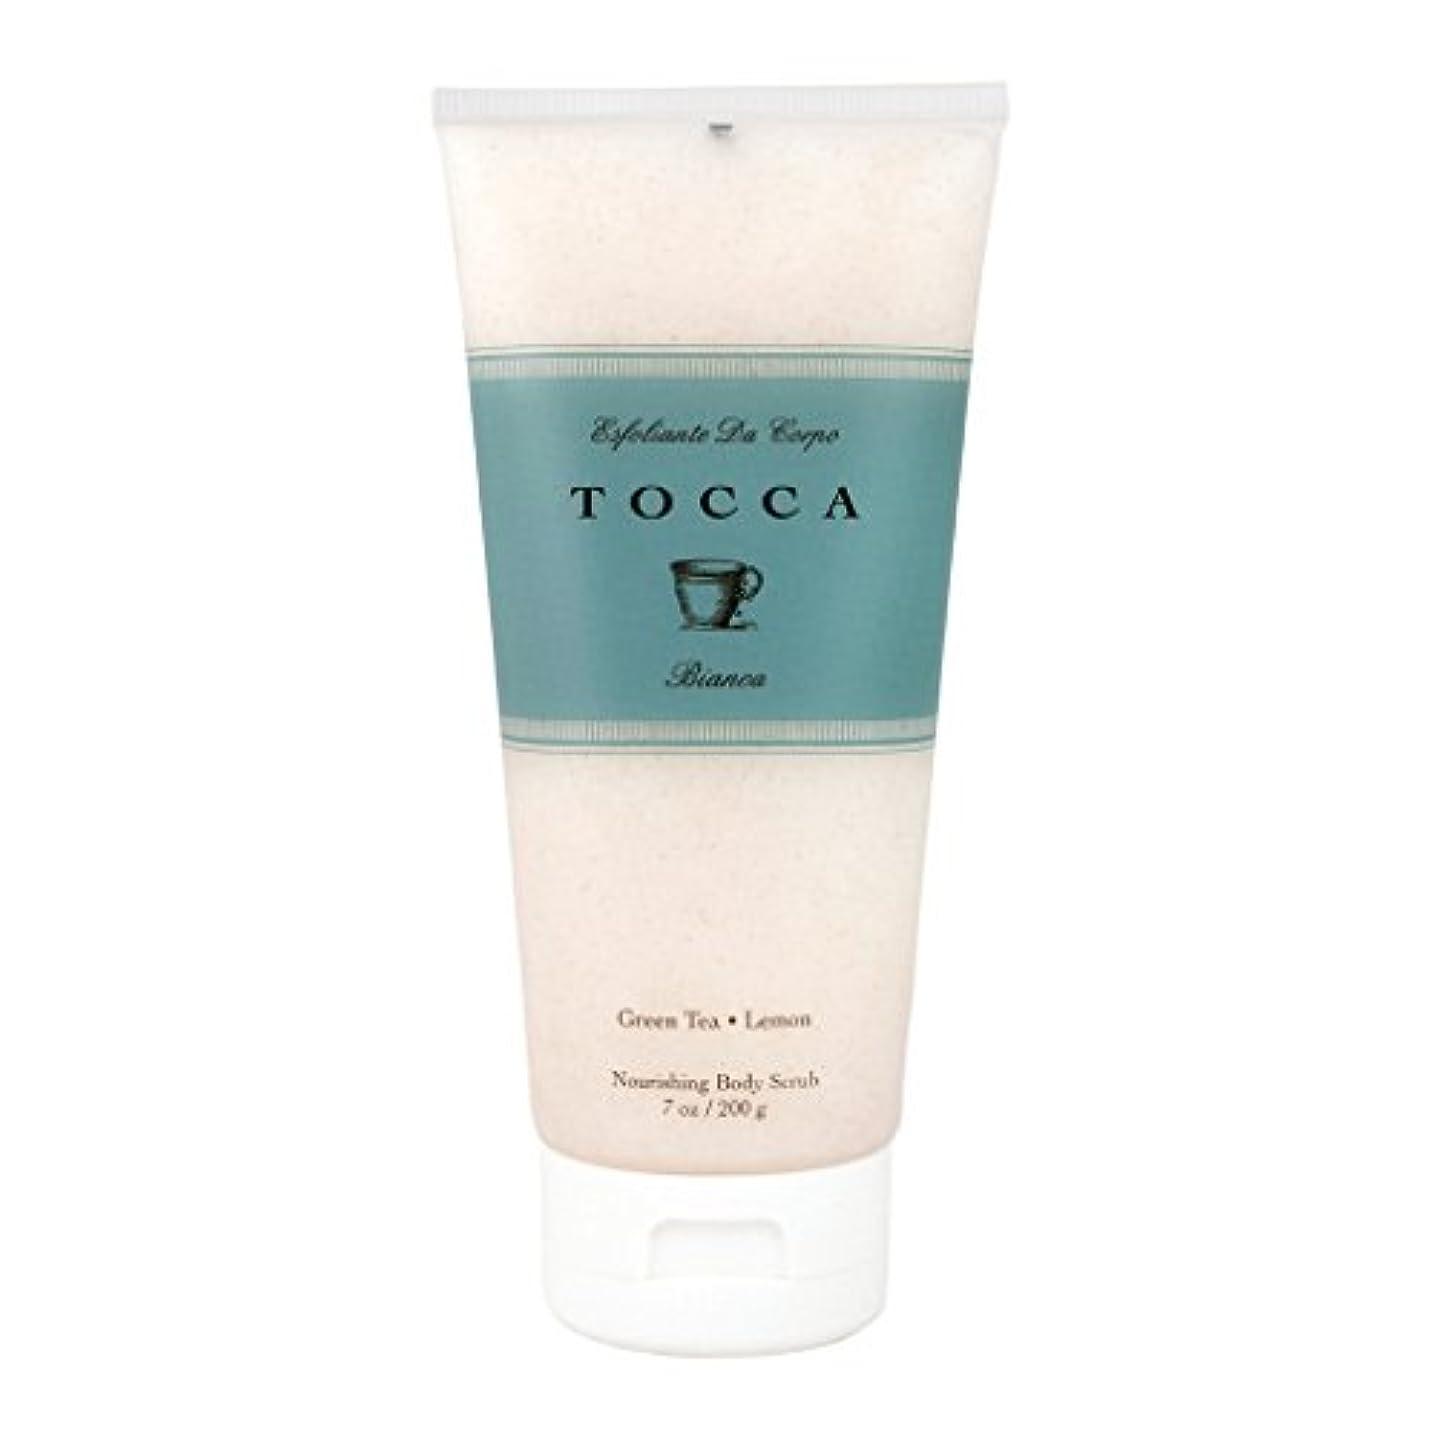 電信比類のない買うトッカ(TOCCA) ボディーケアスクラブ  ビアンカの香り 200ml(全身?ボディー用マッサージ料 シトラスとグリーンティー、ローズが絶妙に溶け合ったほのかに甘さ漂うフレッシュな香り)